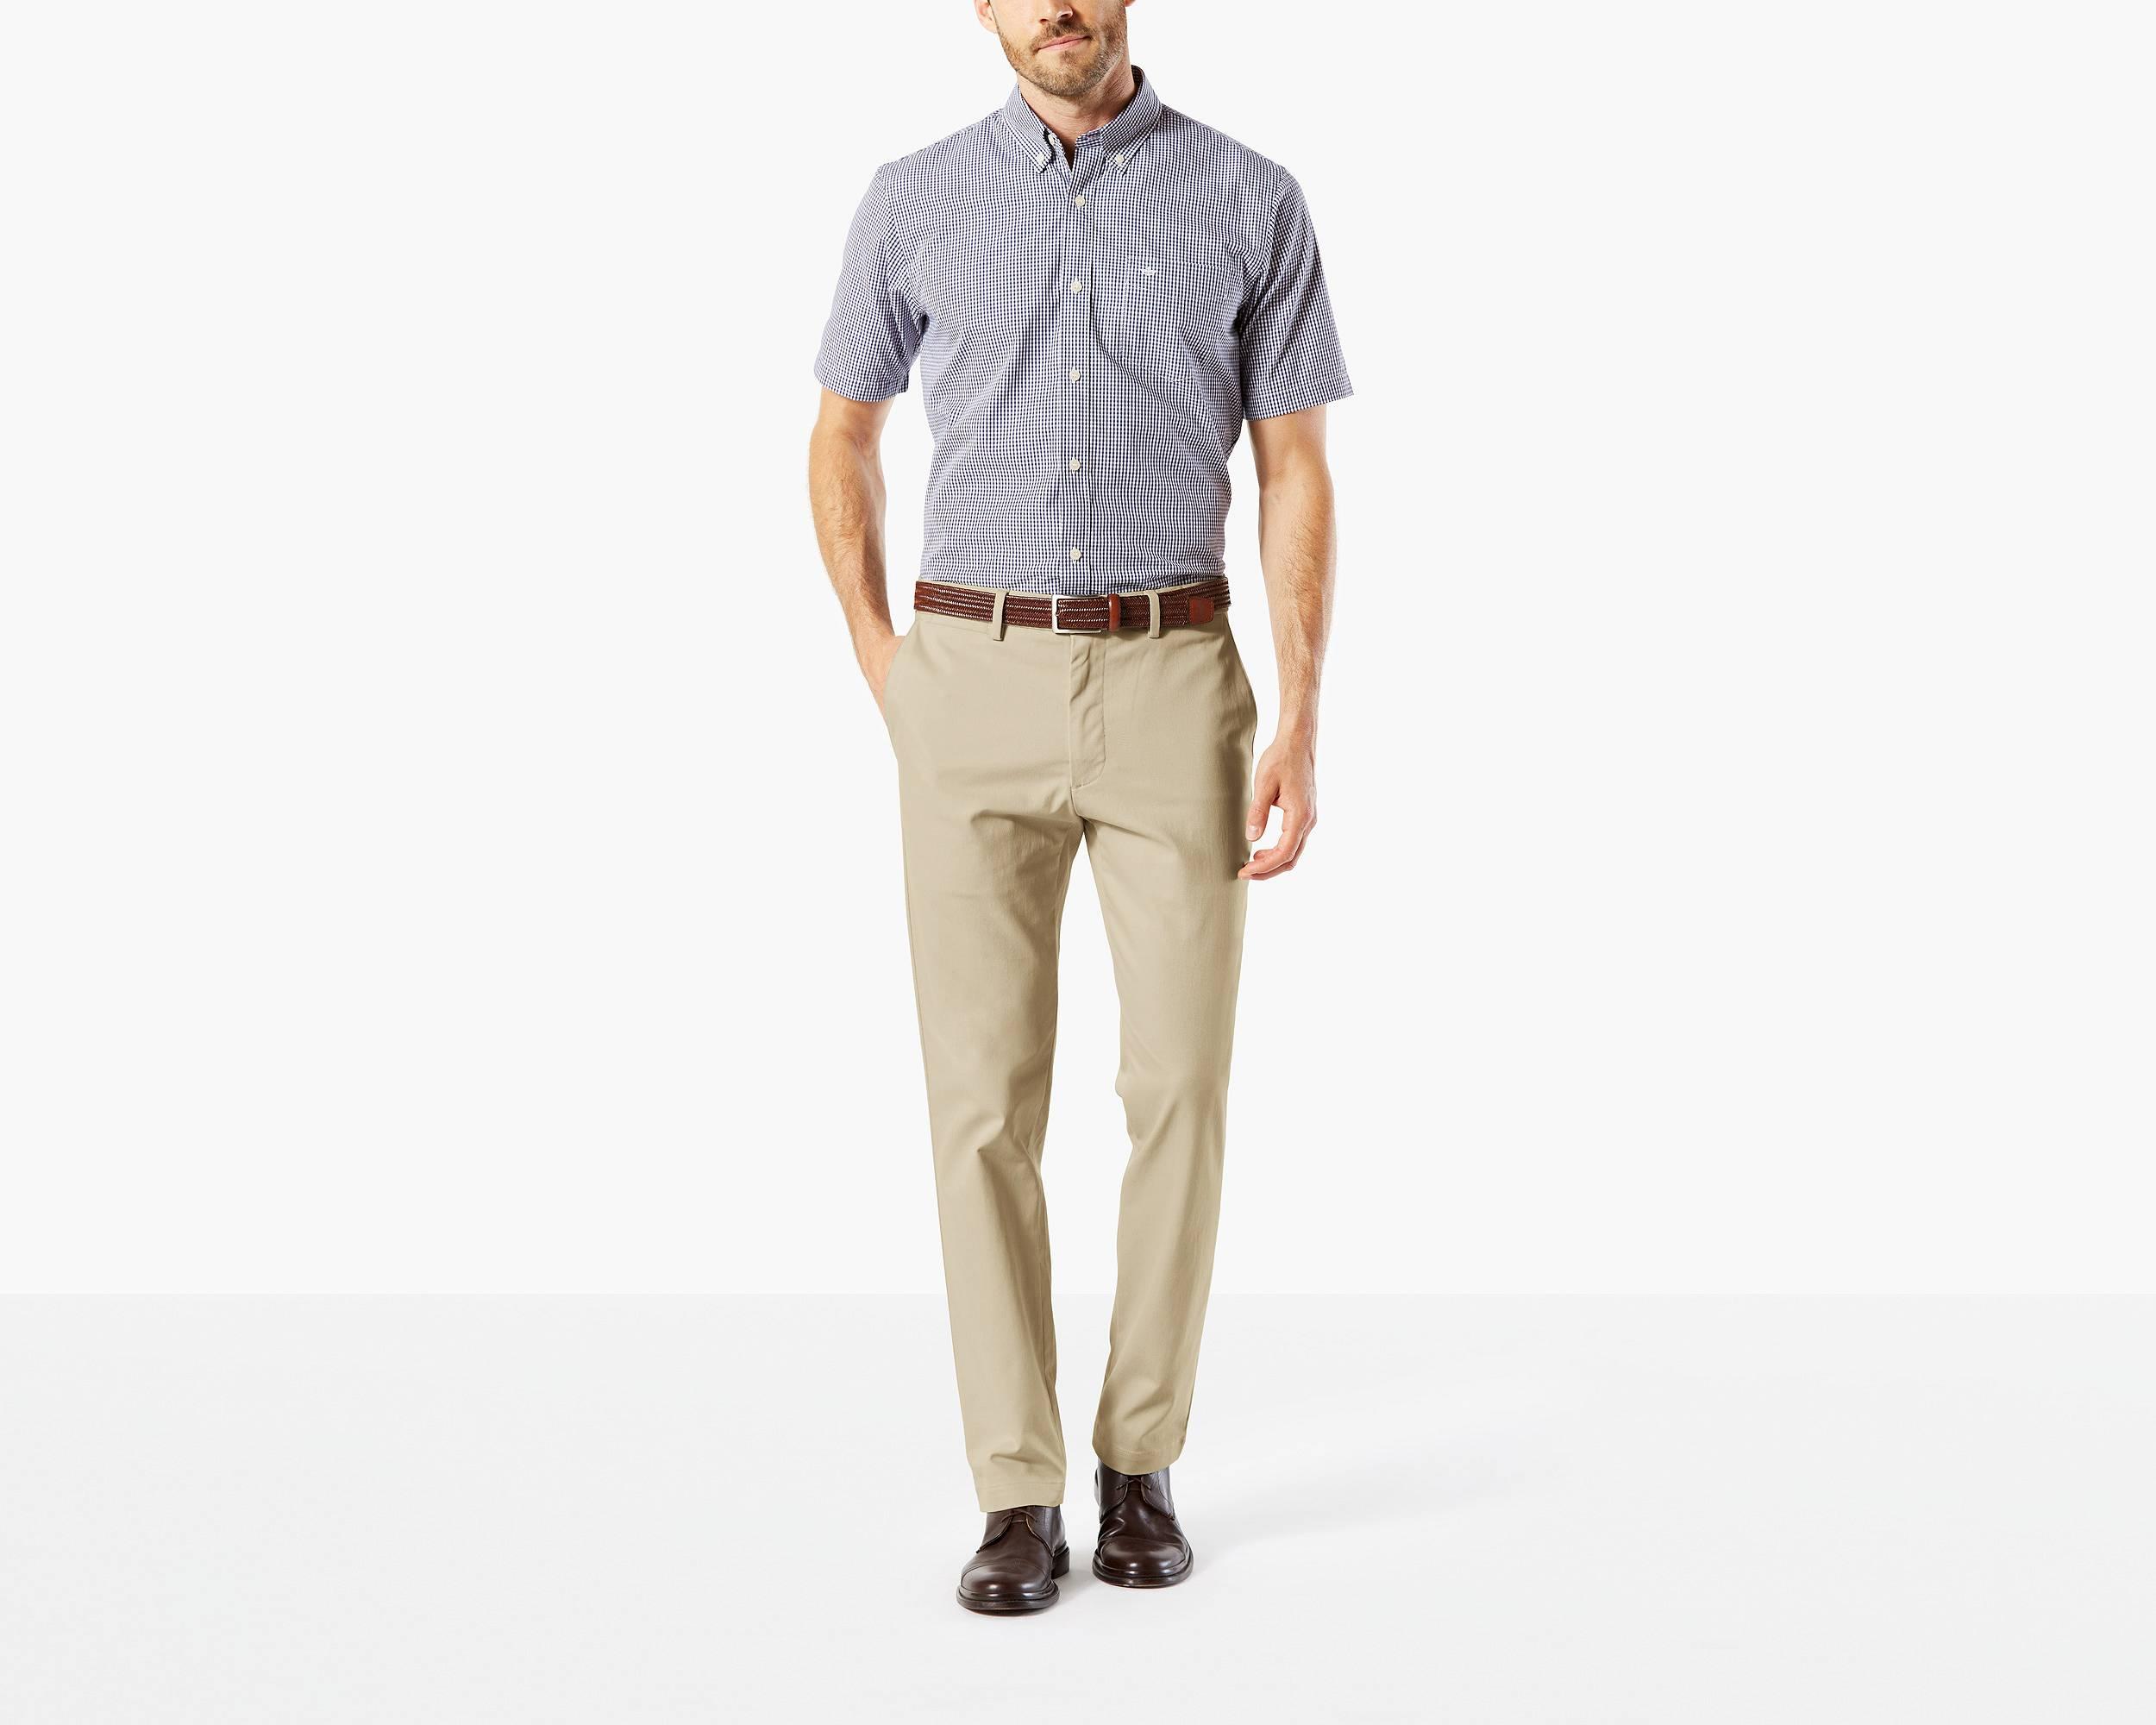 Khaki Pants - Shop Khakis for Men   Dockers®